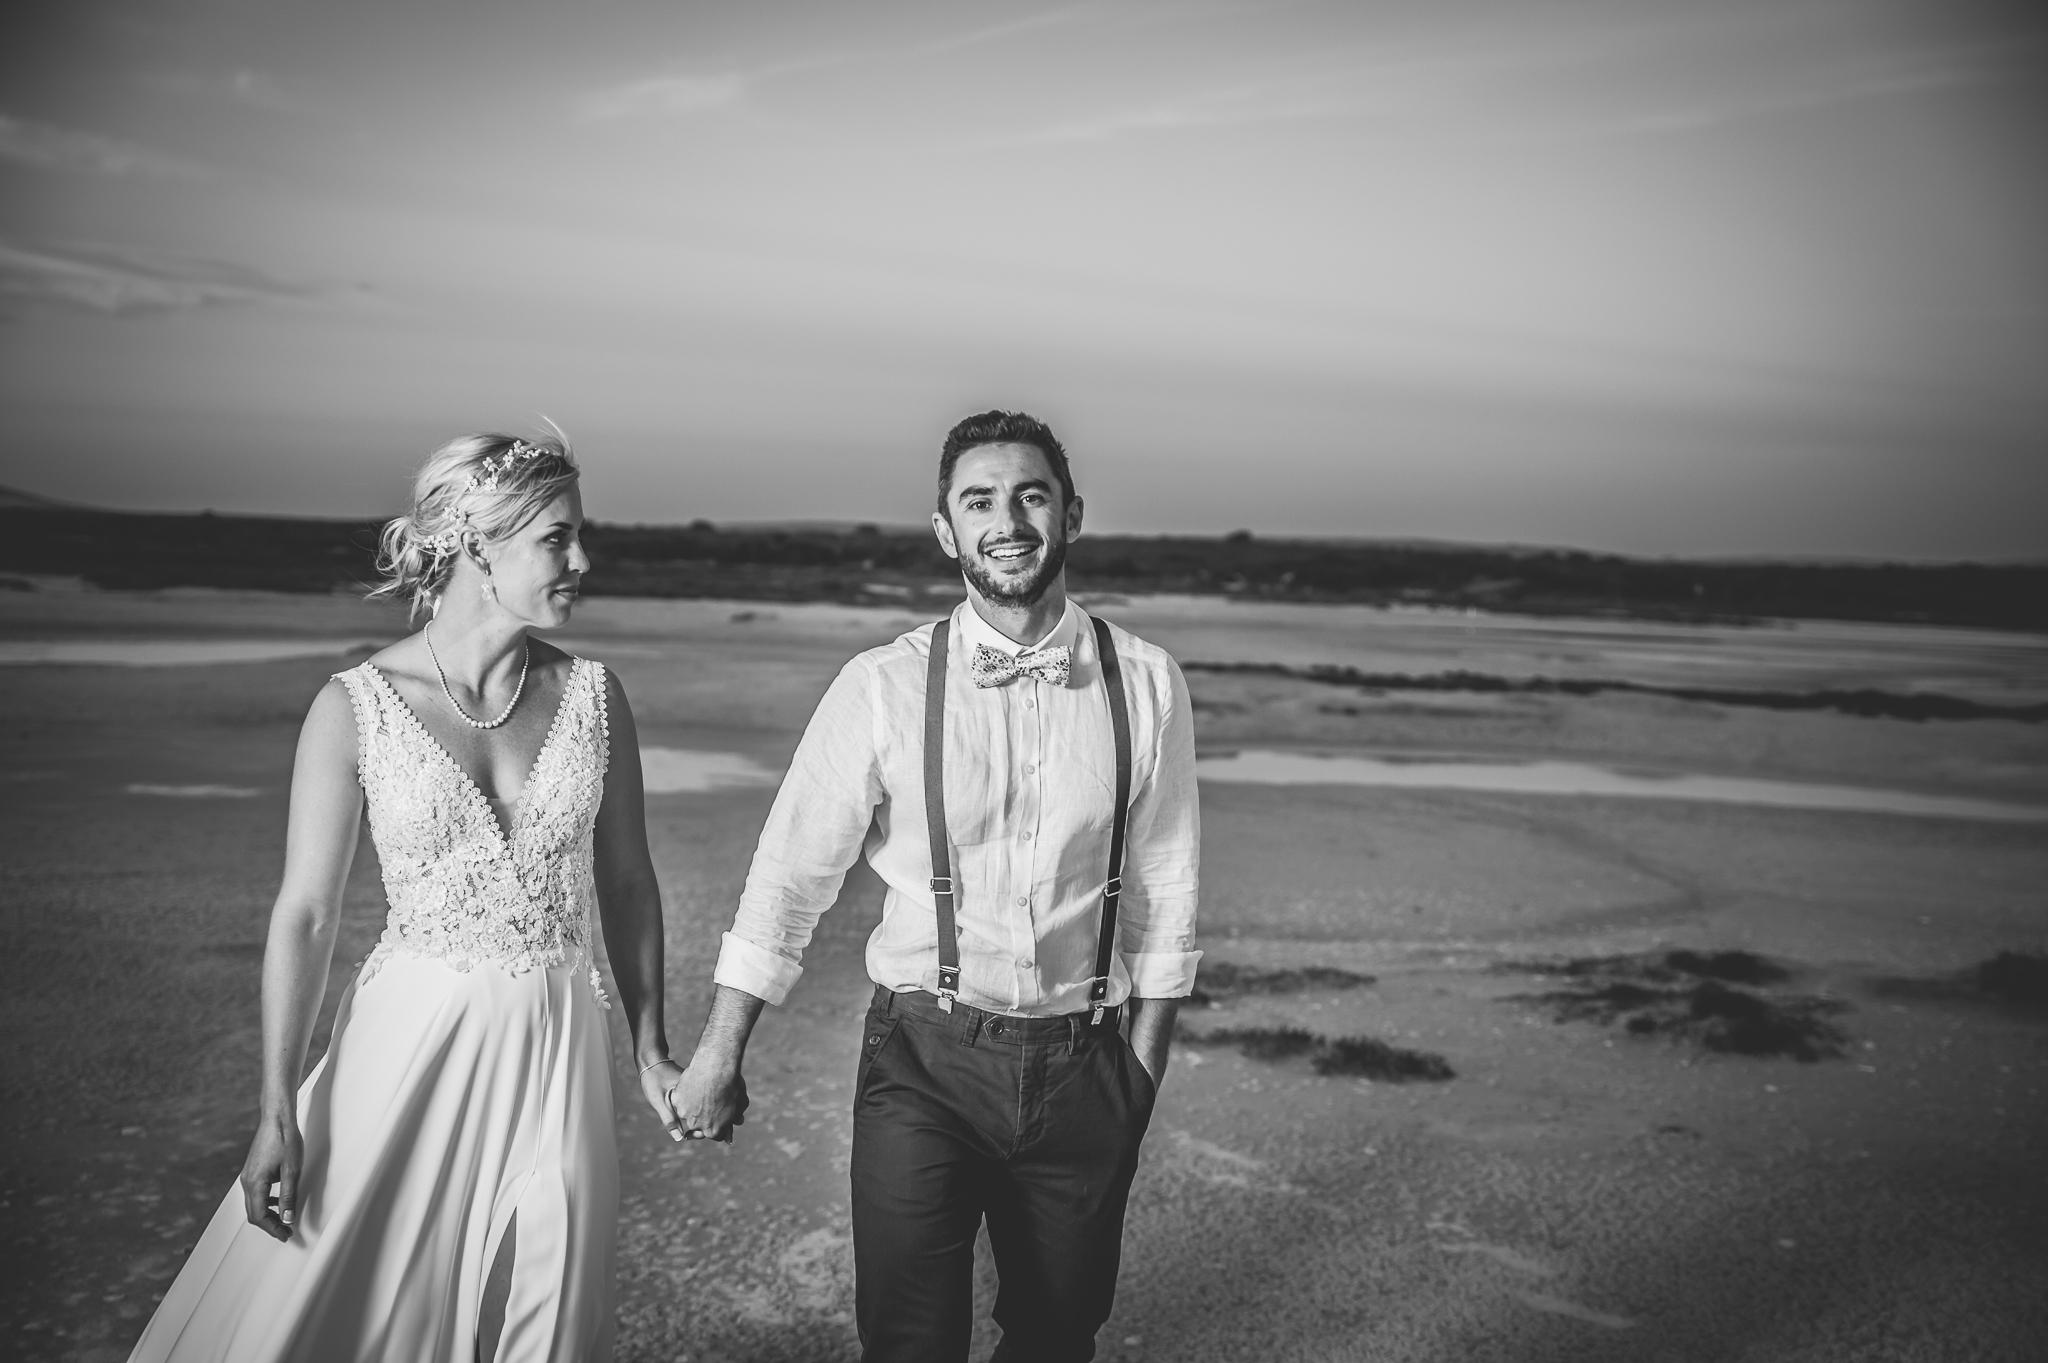 Josh and Debbie Yzerfontein Wedding - Sneak Peak (27 of 36).jpg